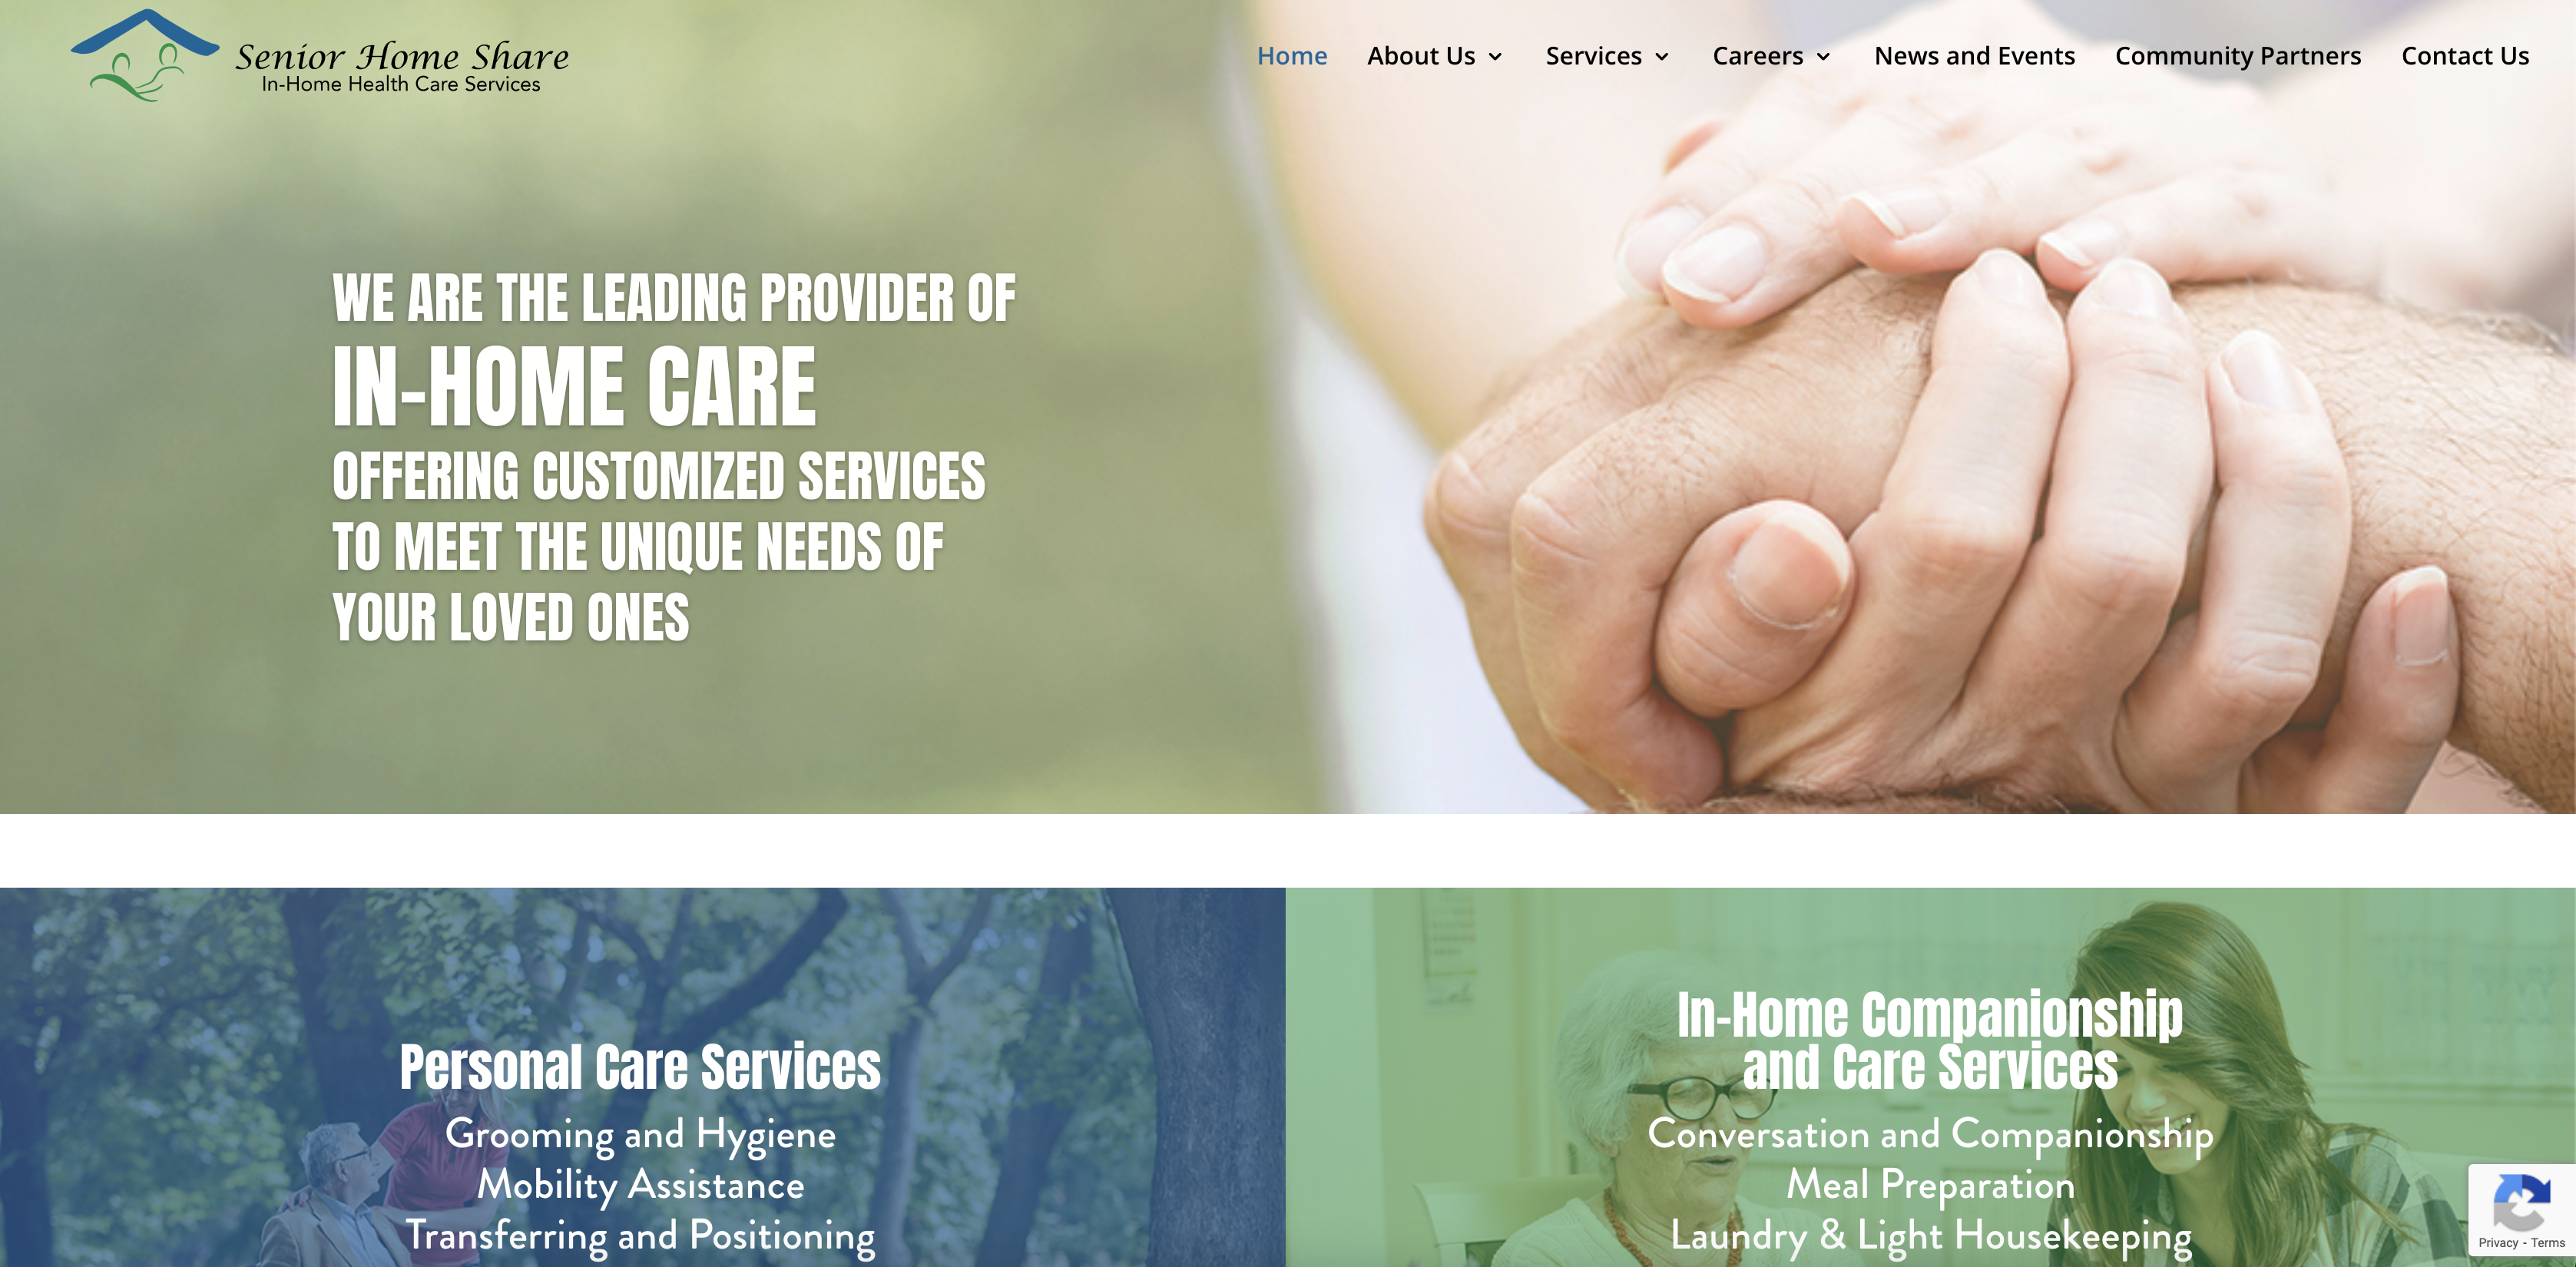 New Website for Senior Home Share